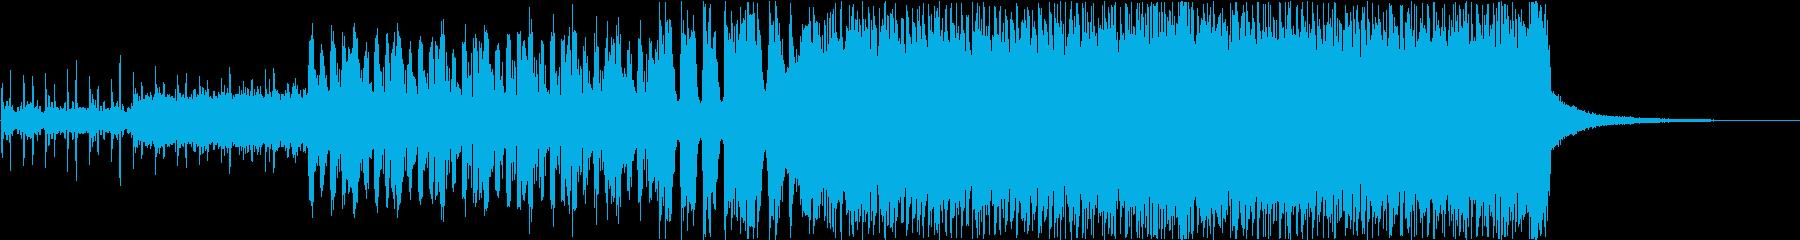 デジロック風ハードコアサウンドの再生済みの波形